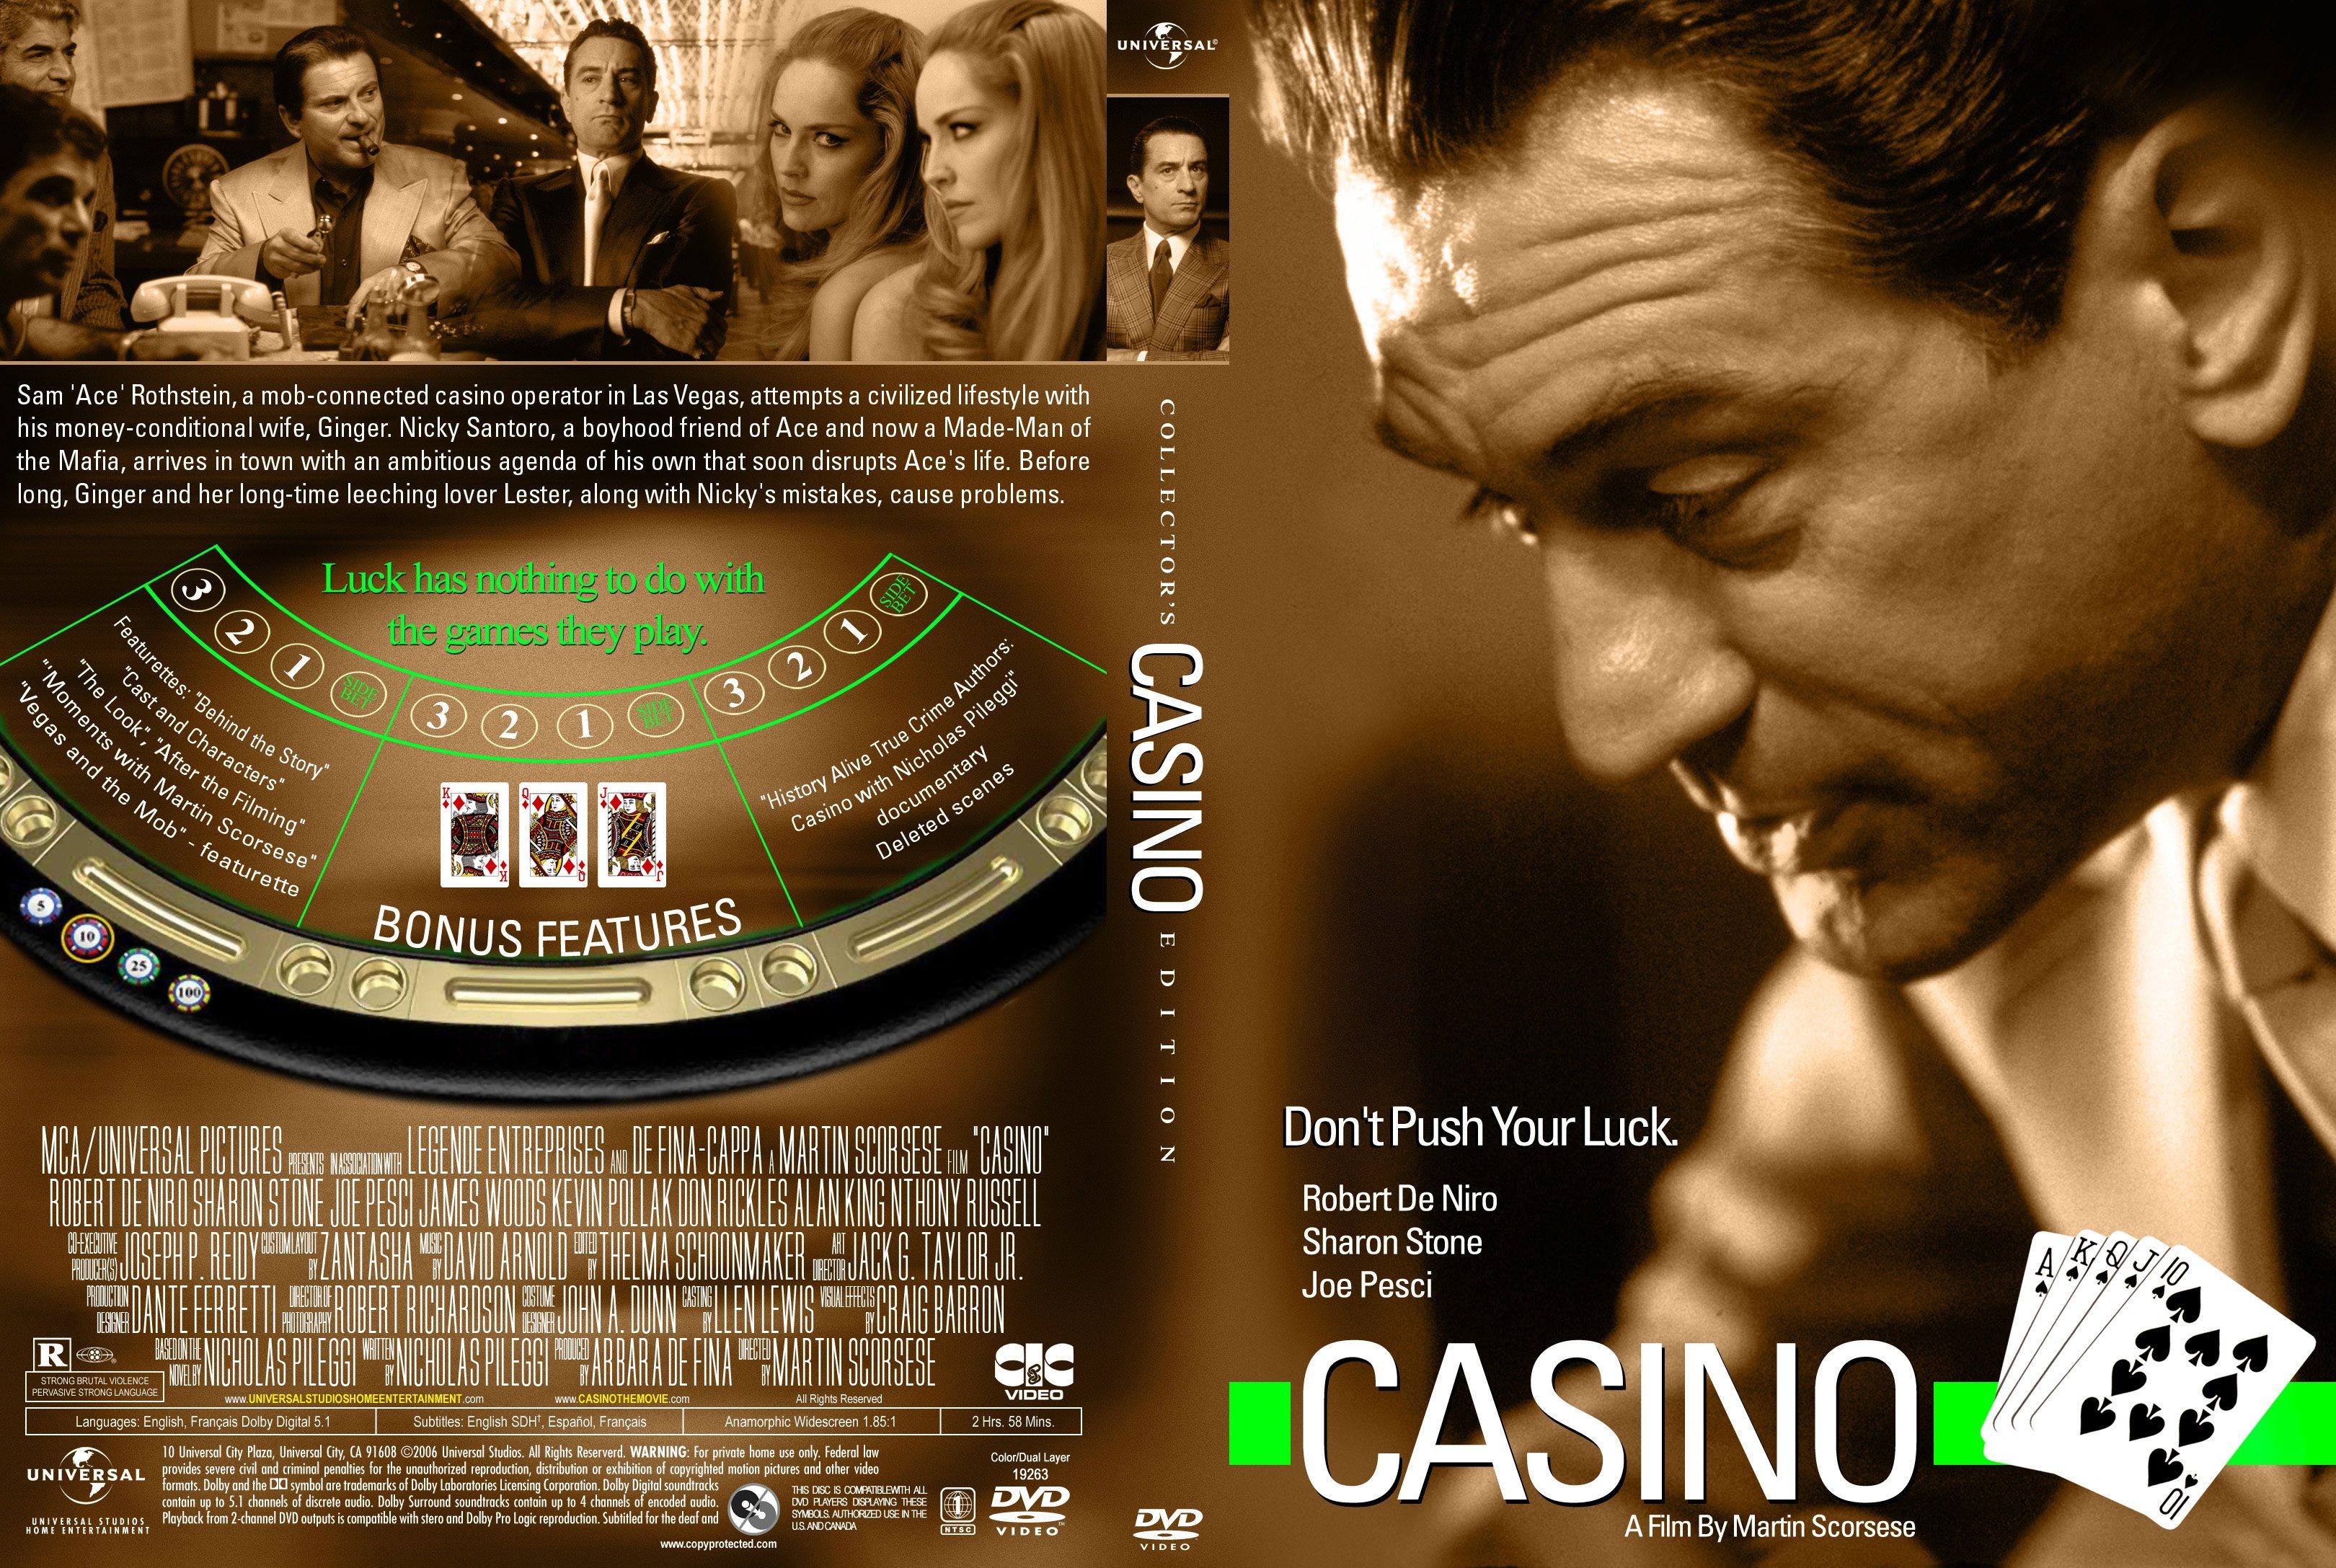 watch casino 1995 online free alchemist spiel